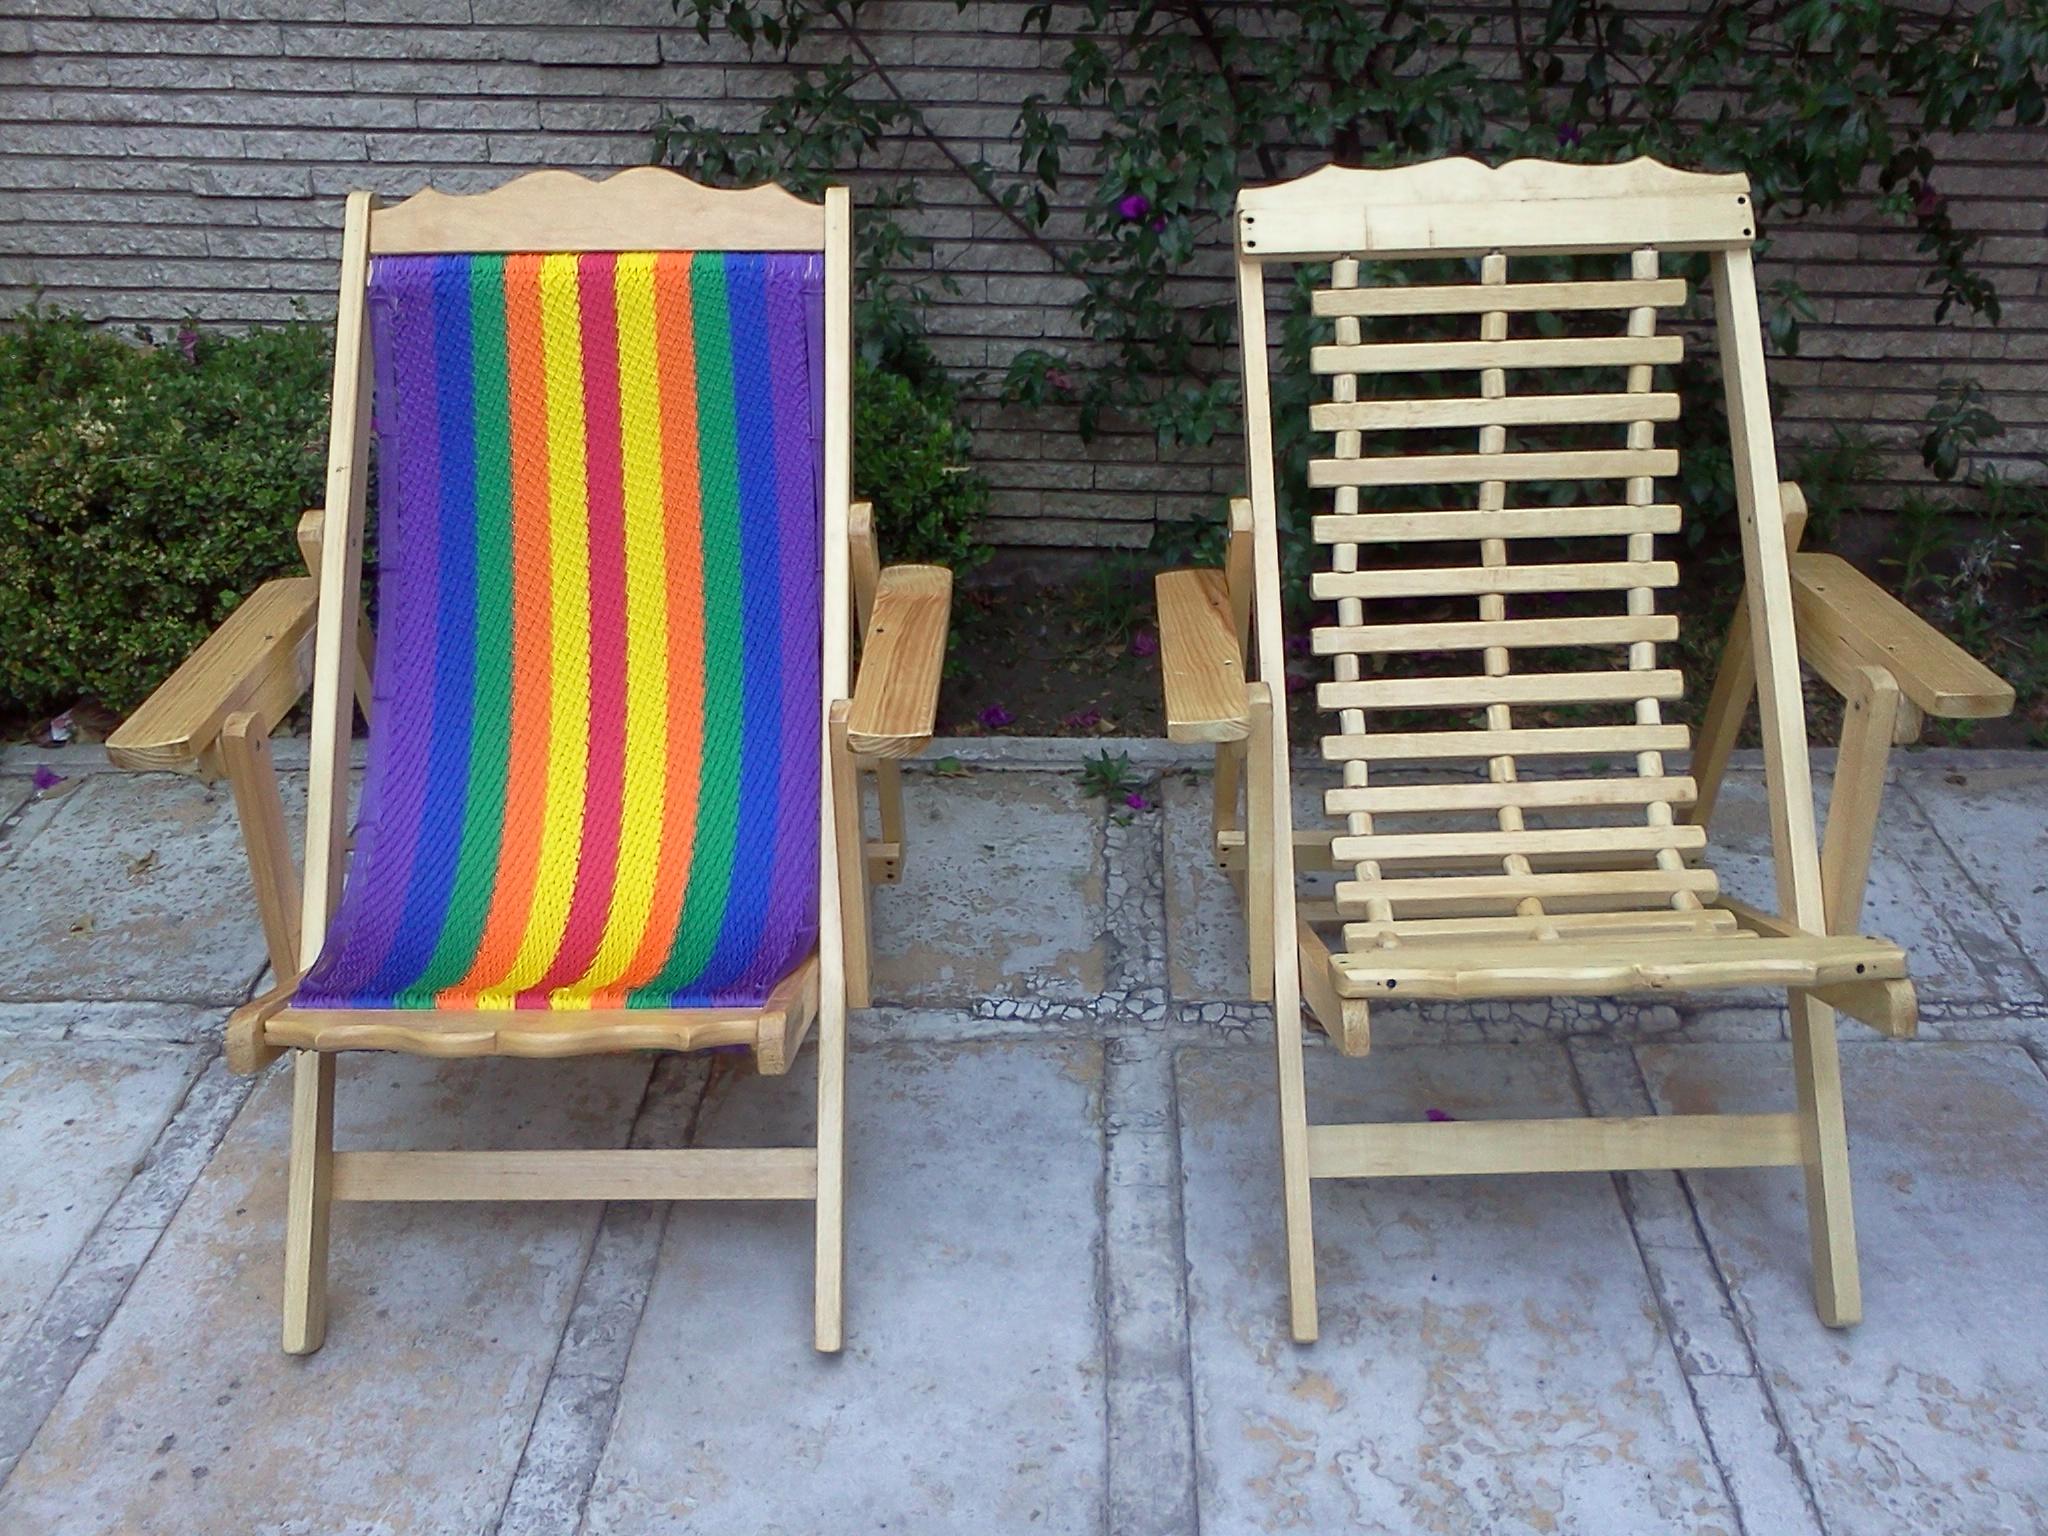 Venta de sillas mecedoras y mesitas mujeres y la sexta for Sillas madera